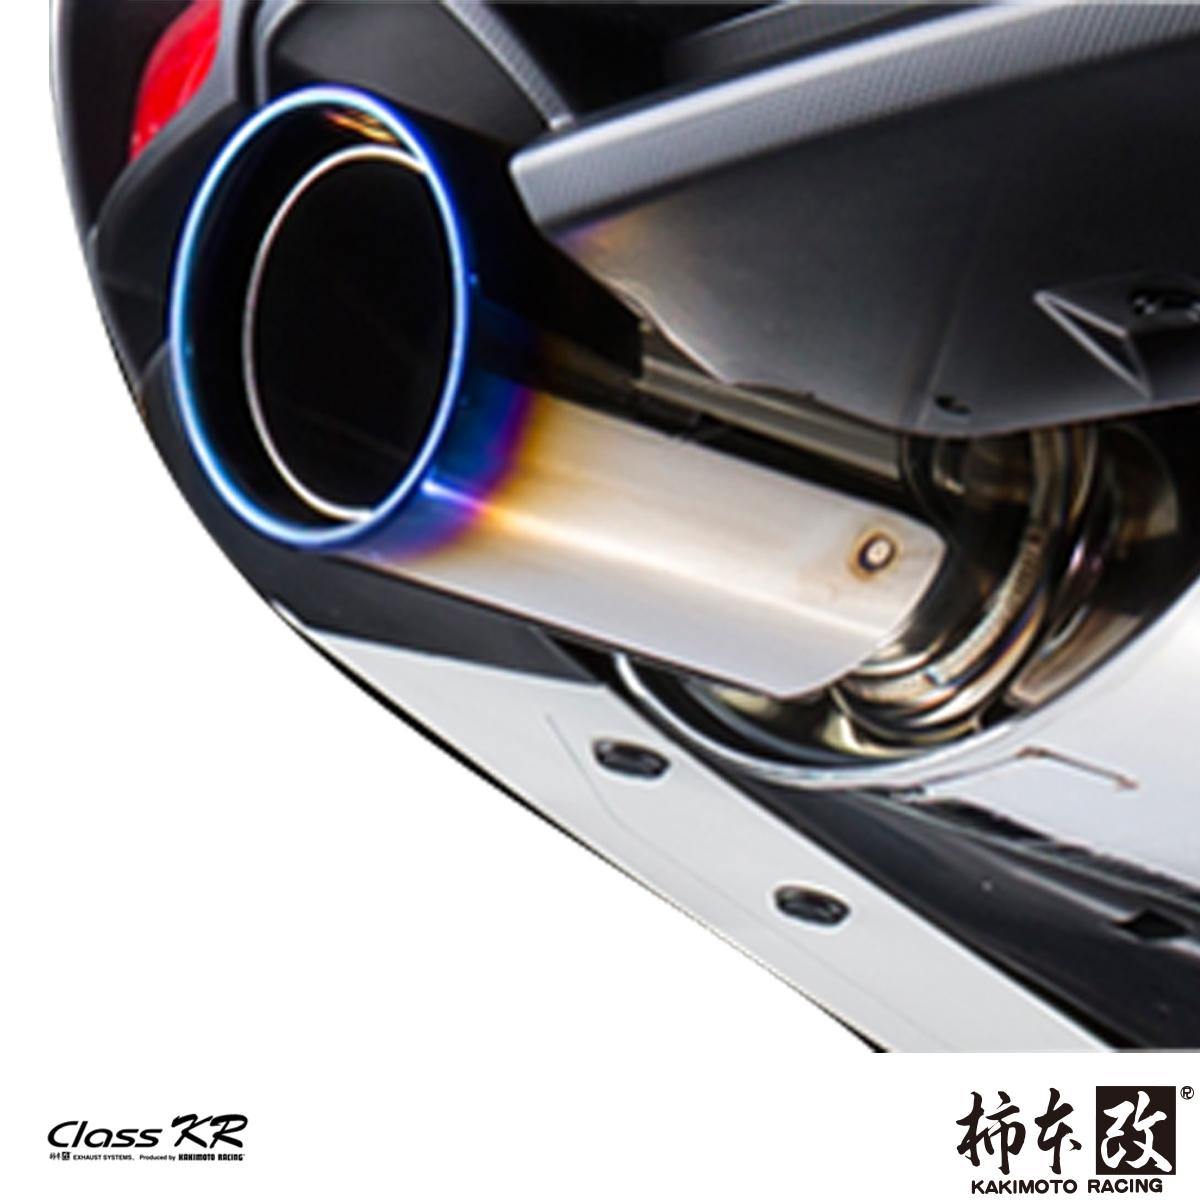 柿本 改 クラスKR インプレッサ CBA-GVF マフラー 品番:B71338 KAKIMOTO RACING Class KR 条件付き送料無料